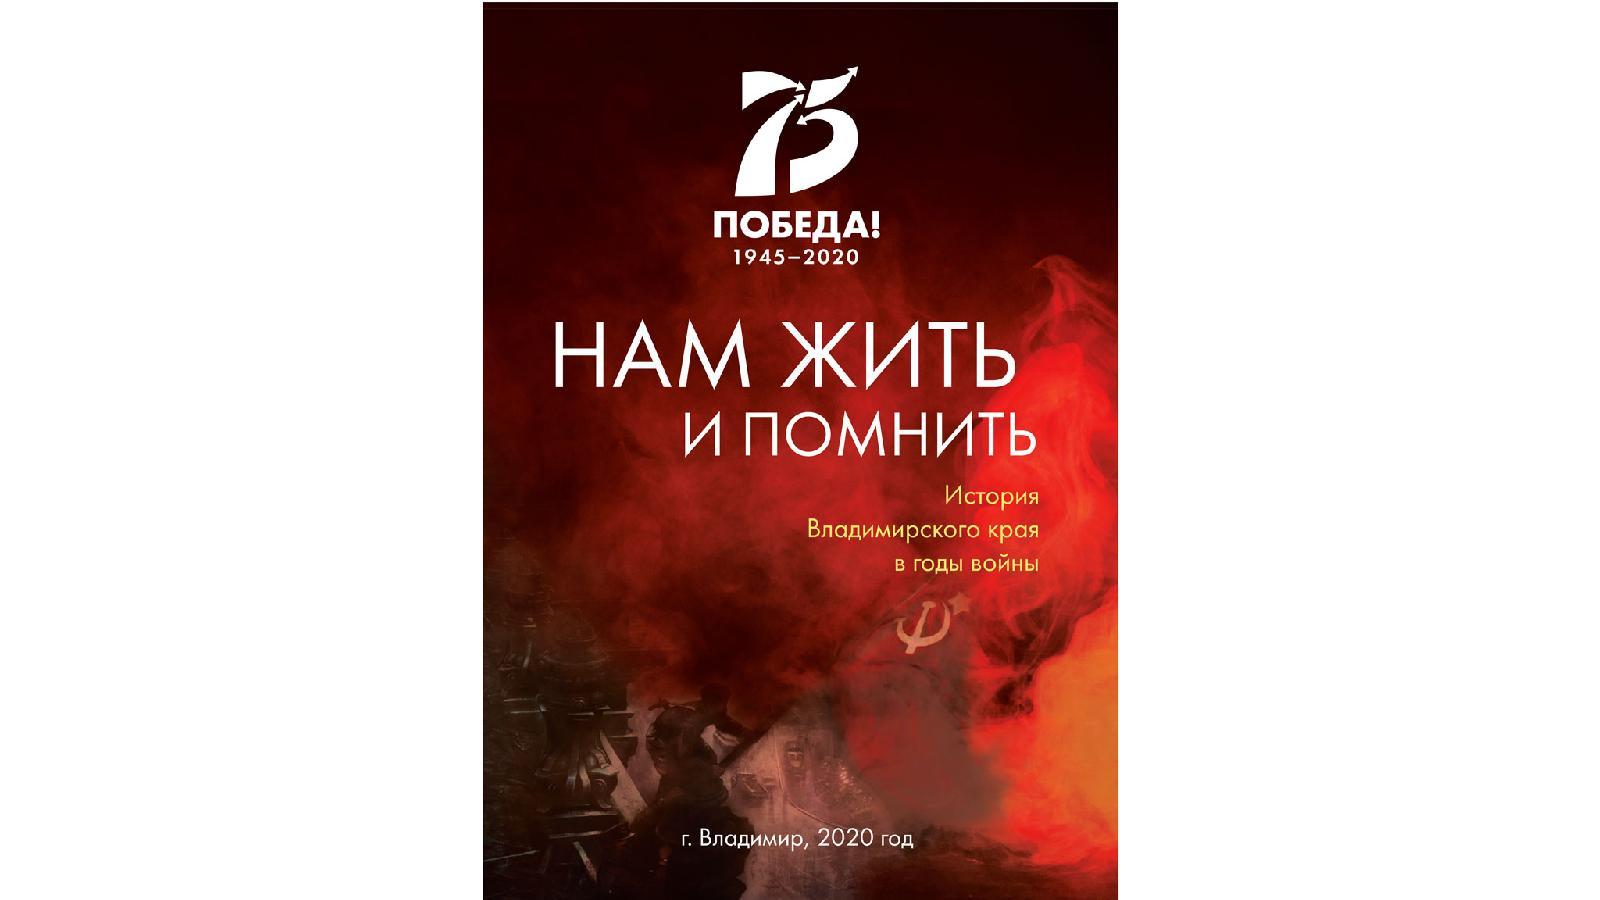 Обложка журнального спецвыпуска, посвященного 75-летию Победы